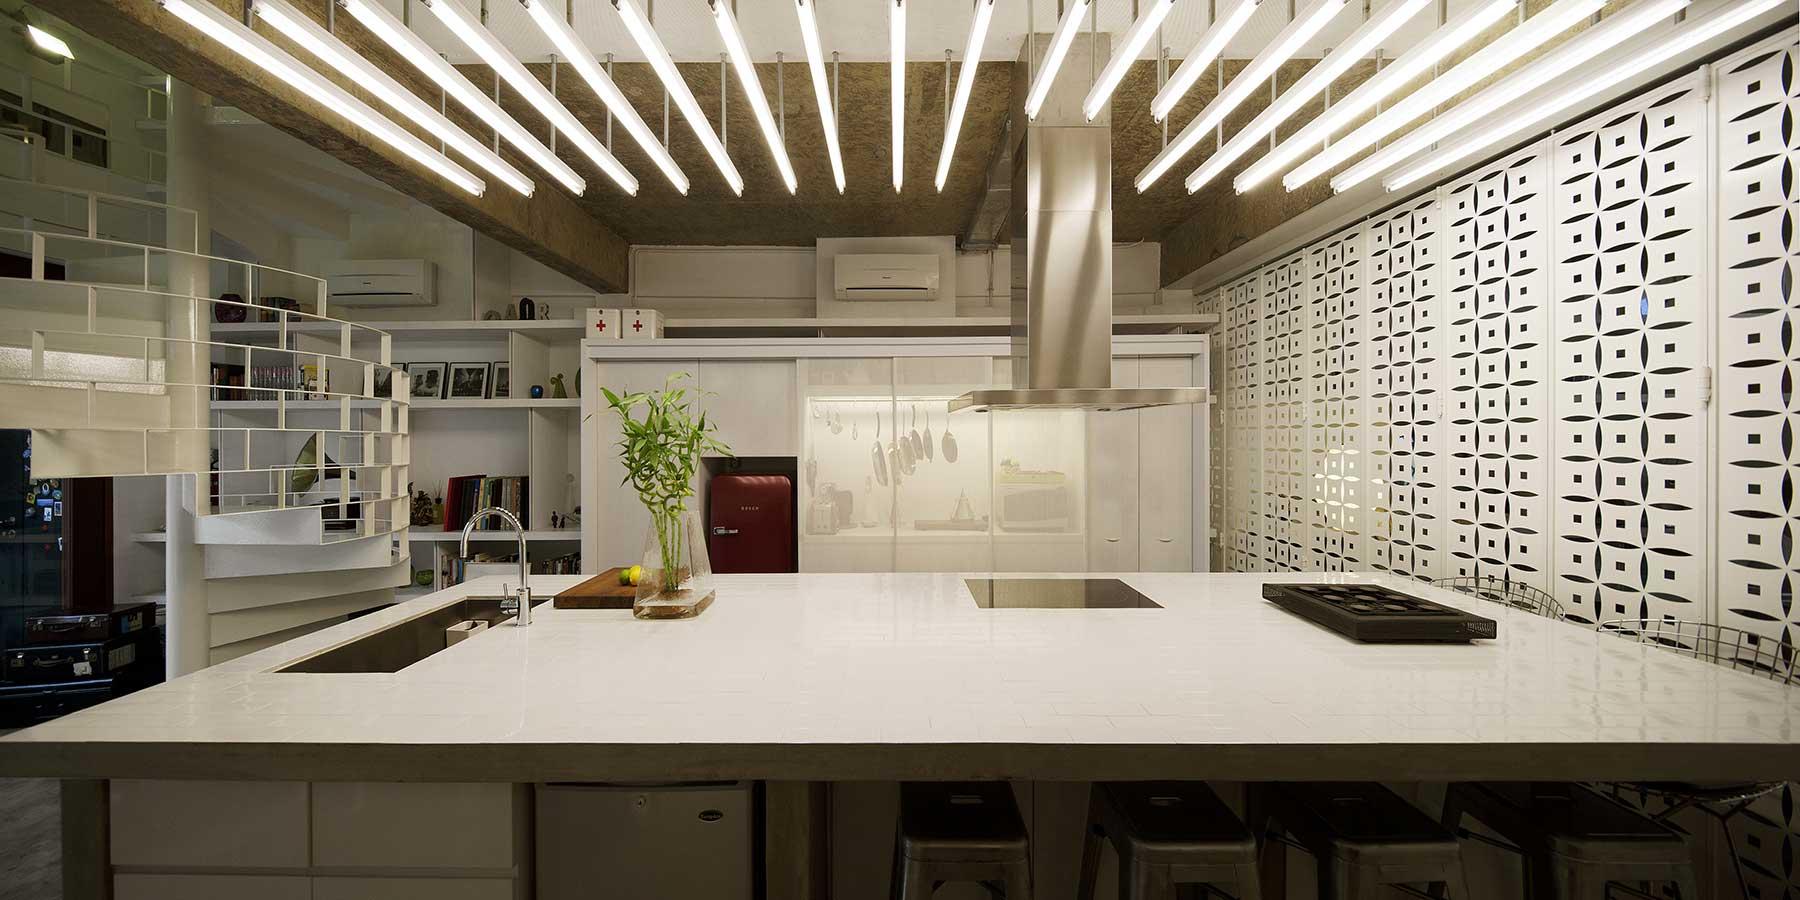 Cuisine Avec éclairage Atypique - Cuisine atypique